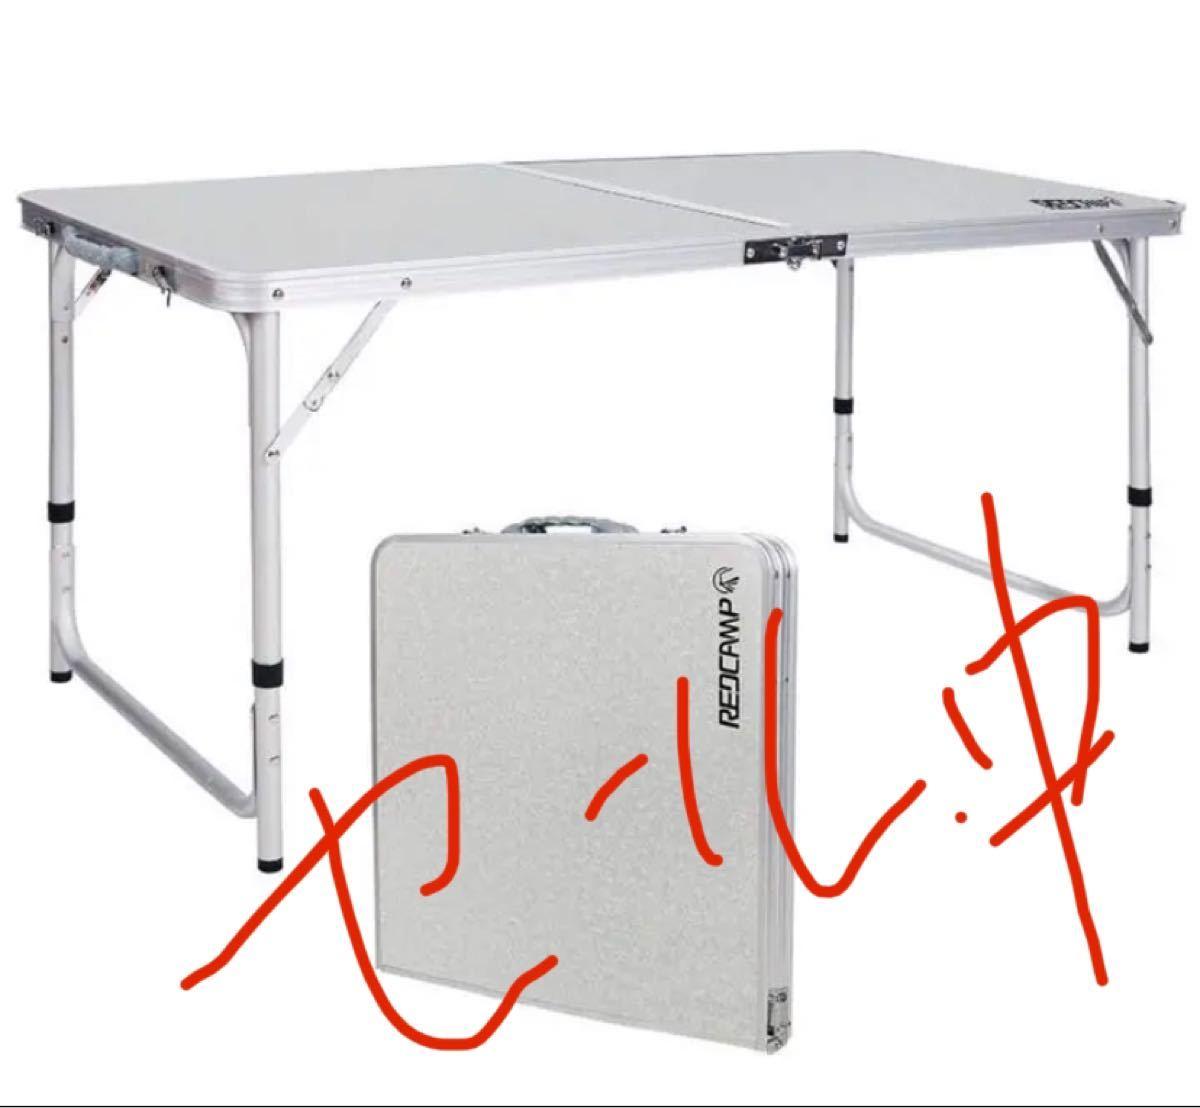 折りたたみ テーブル キャンプ アウトドア 高さ調節可能な脚付き 60*120c